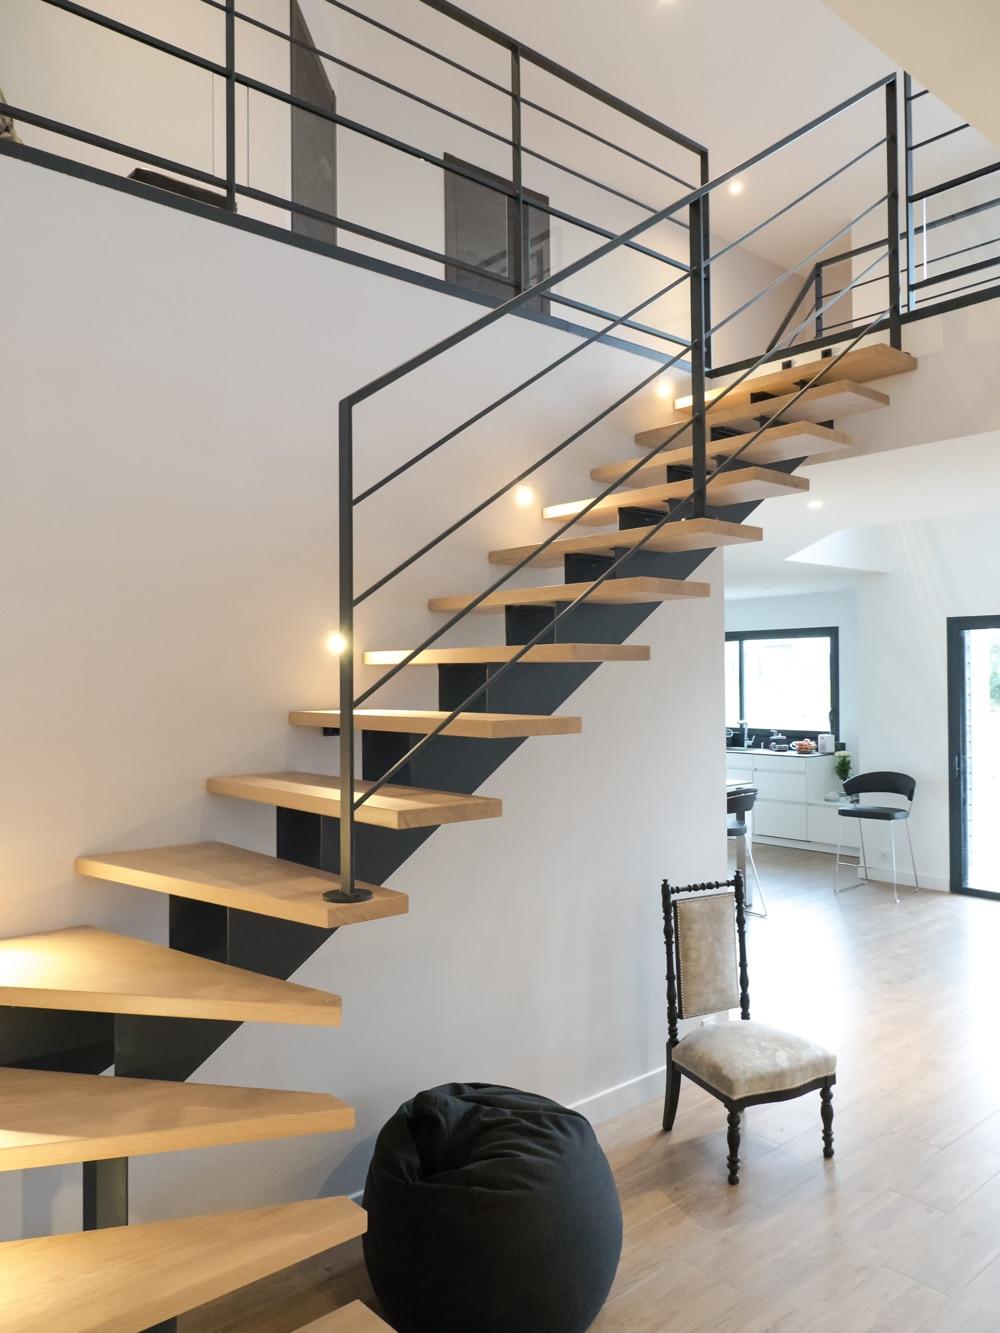 Лестница на второй этаж на металлическом каркасе с подсветкой